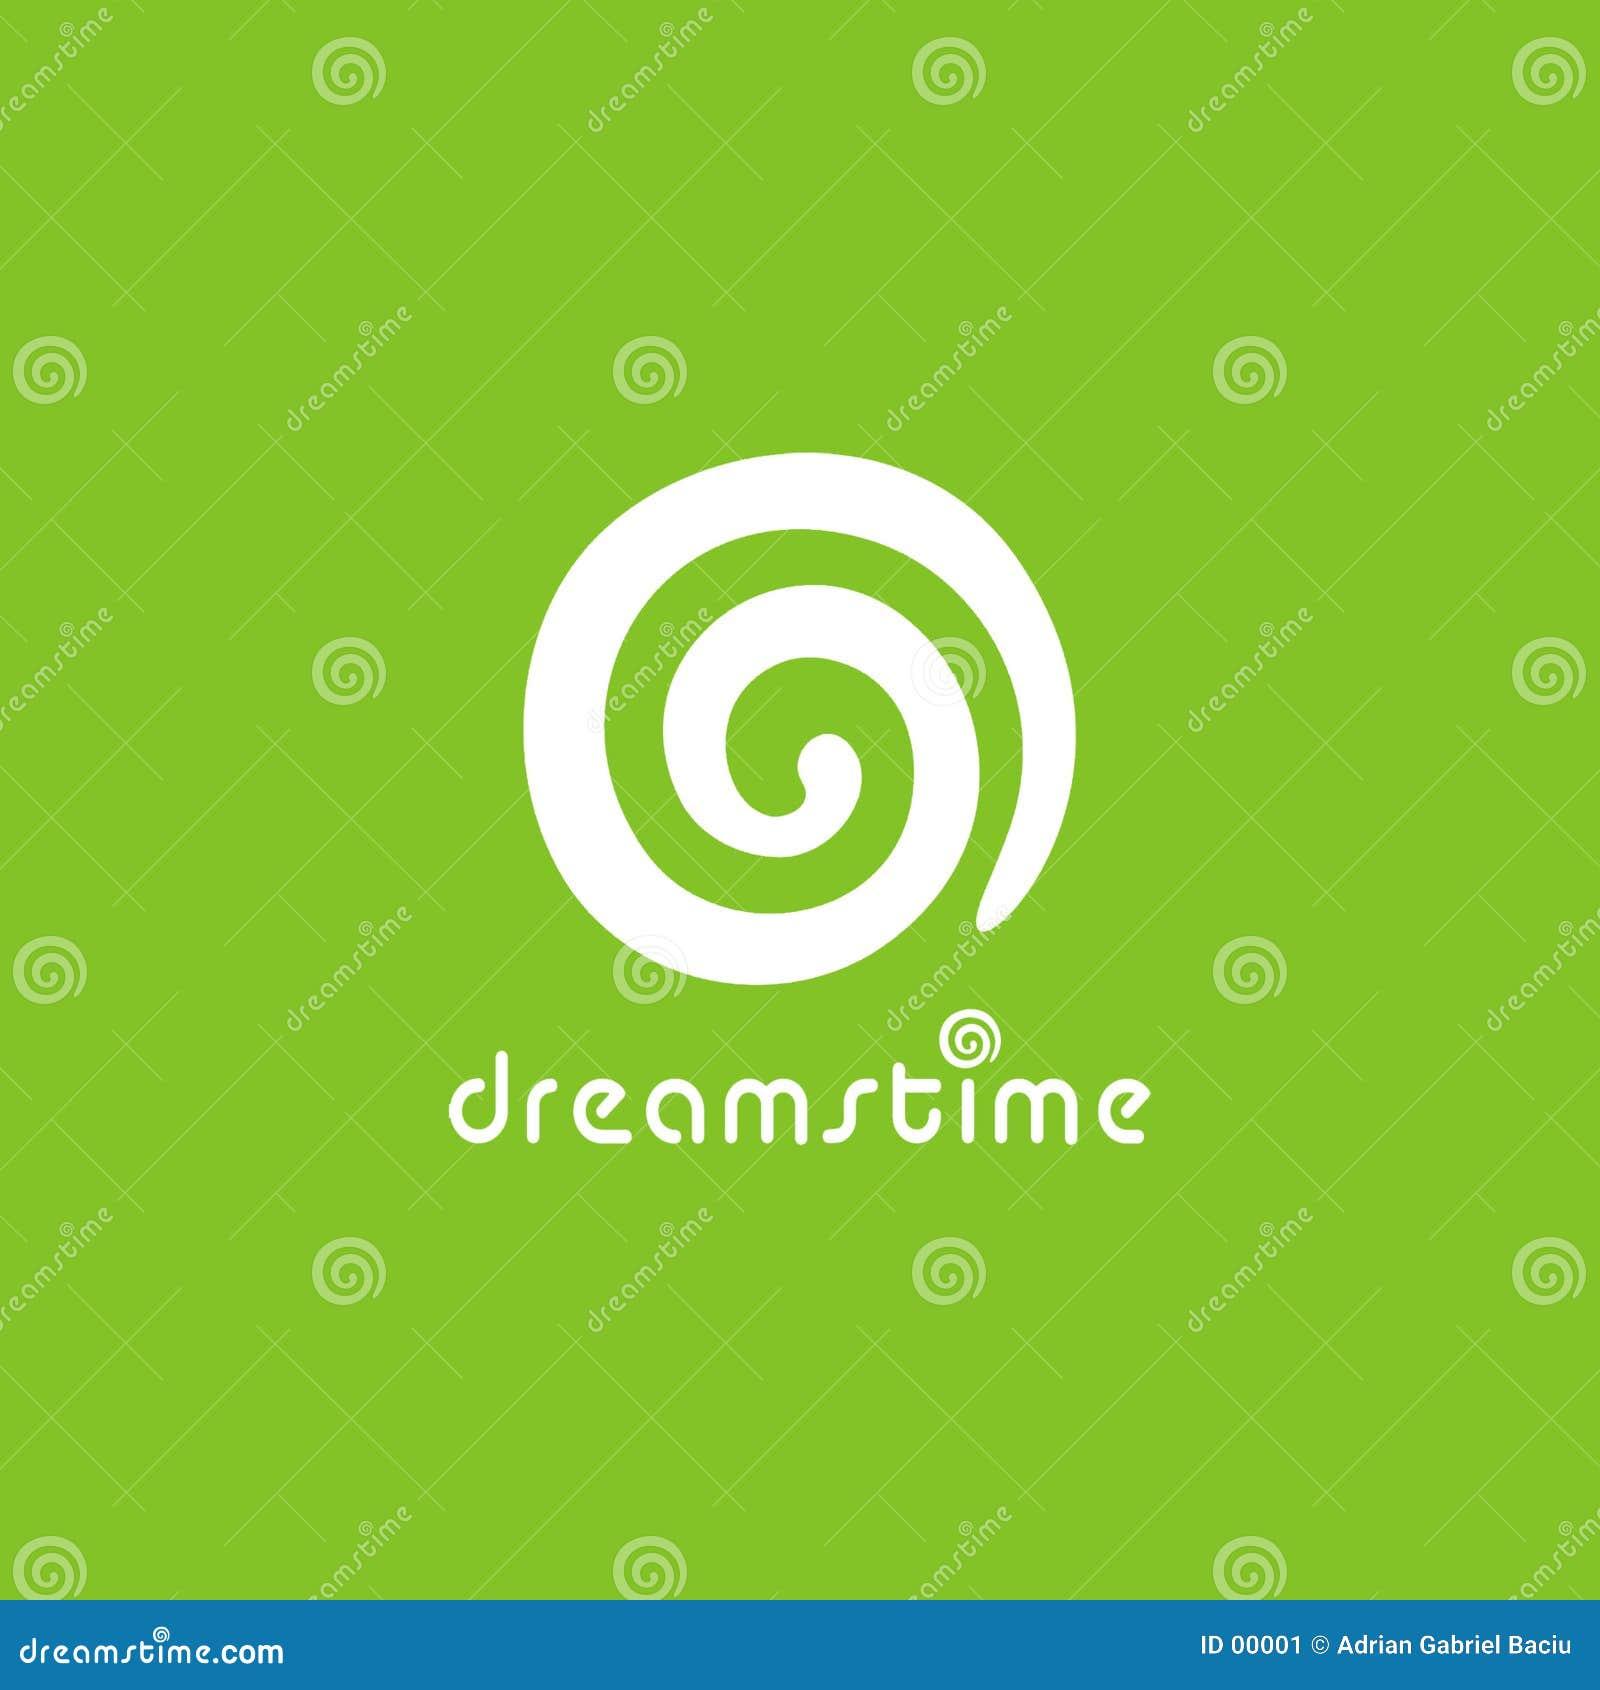 Dreamstime generisches Bild